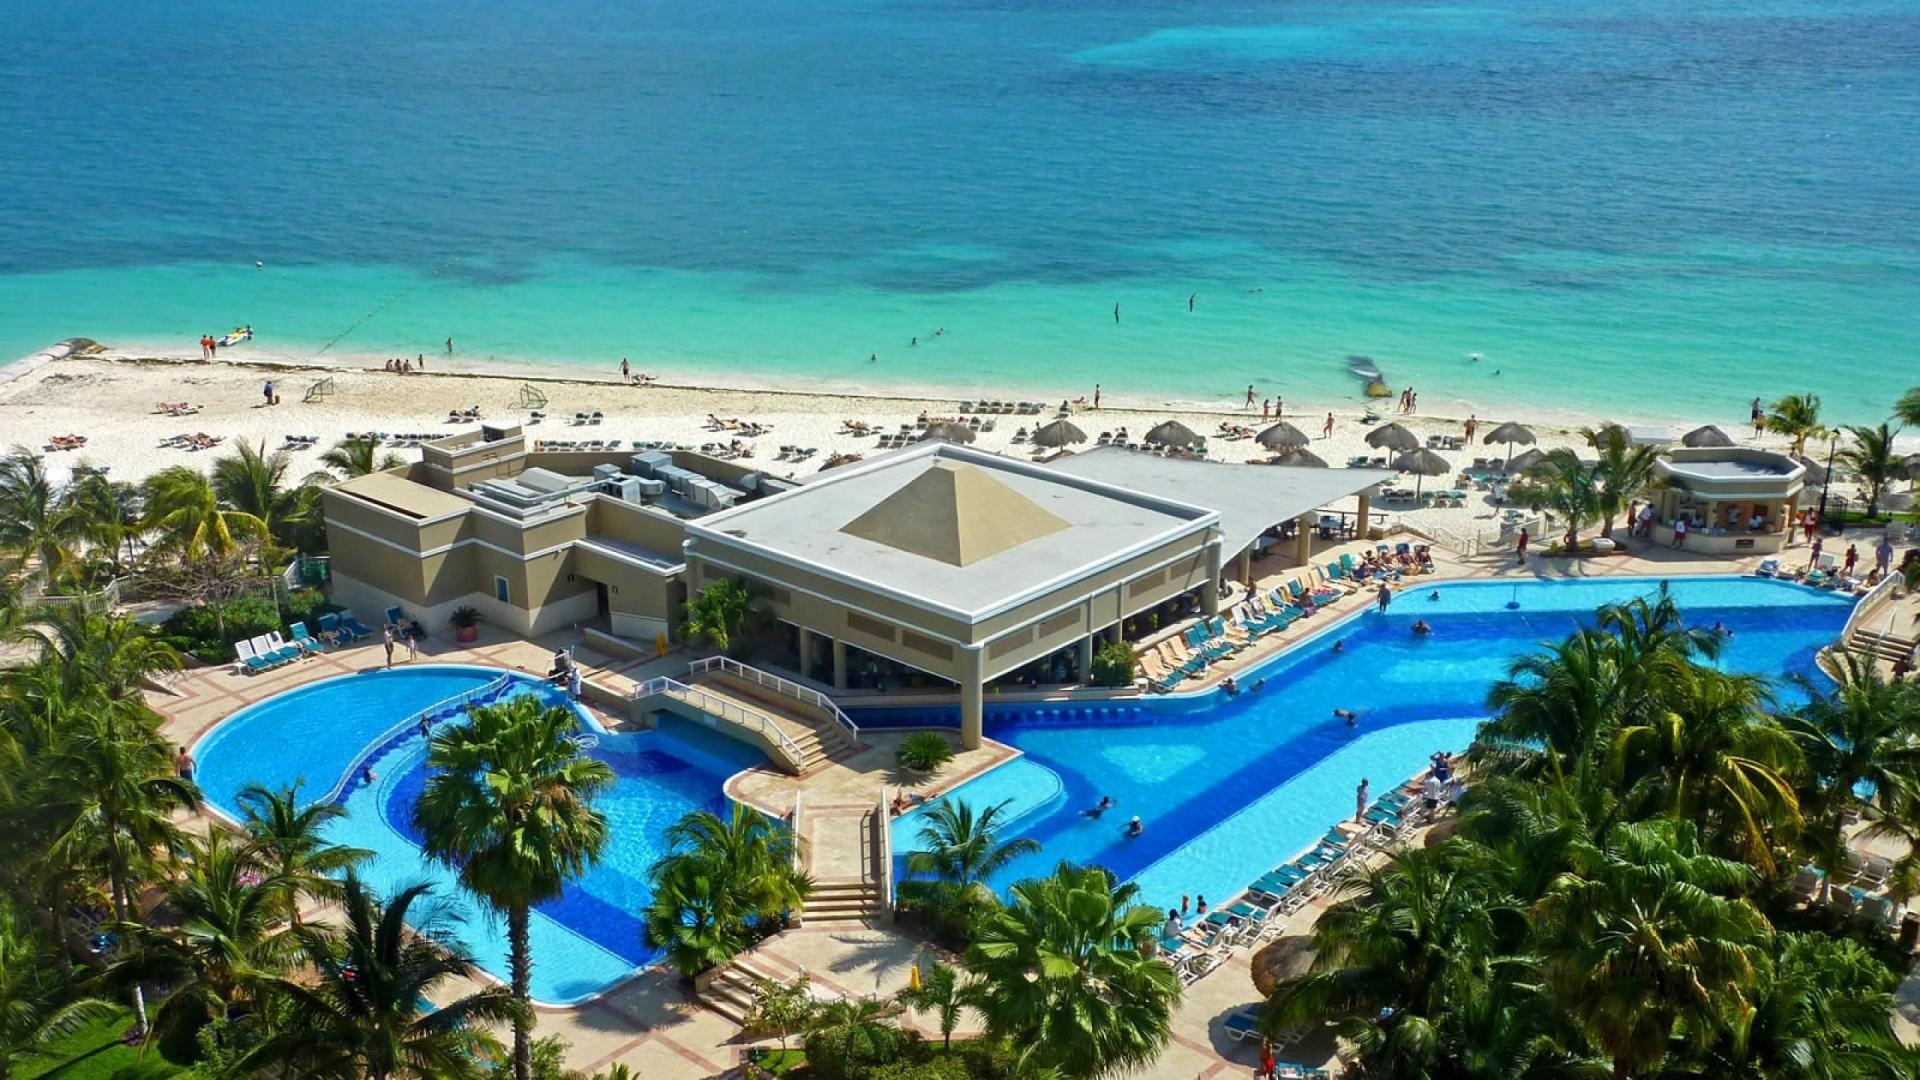 Caribbean Beach Resort HD Wallpaper of Beach   hdwallpaper2013com 1920x1080